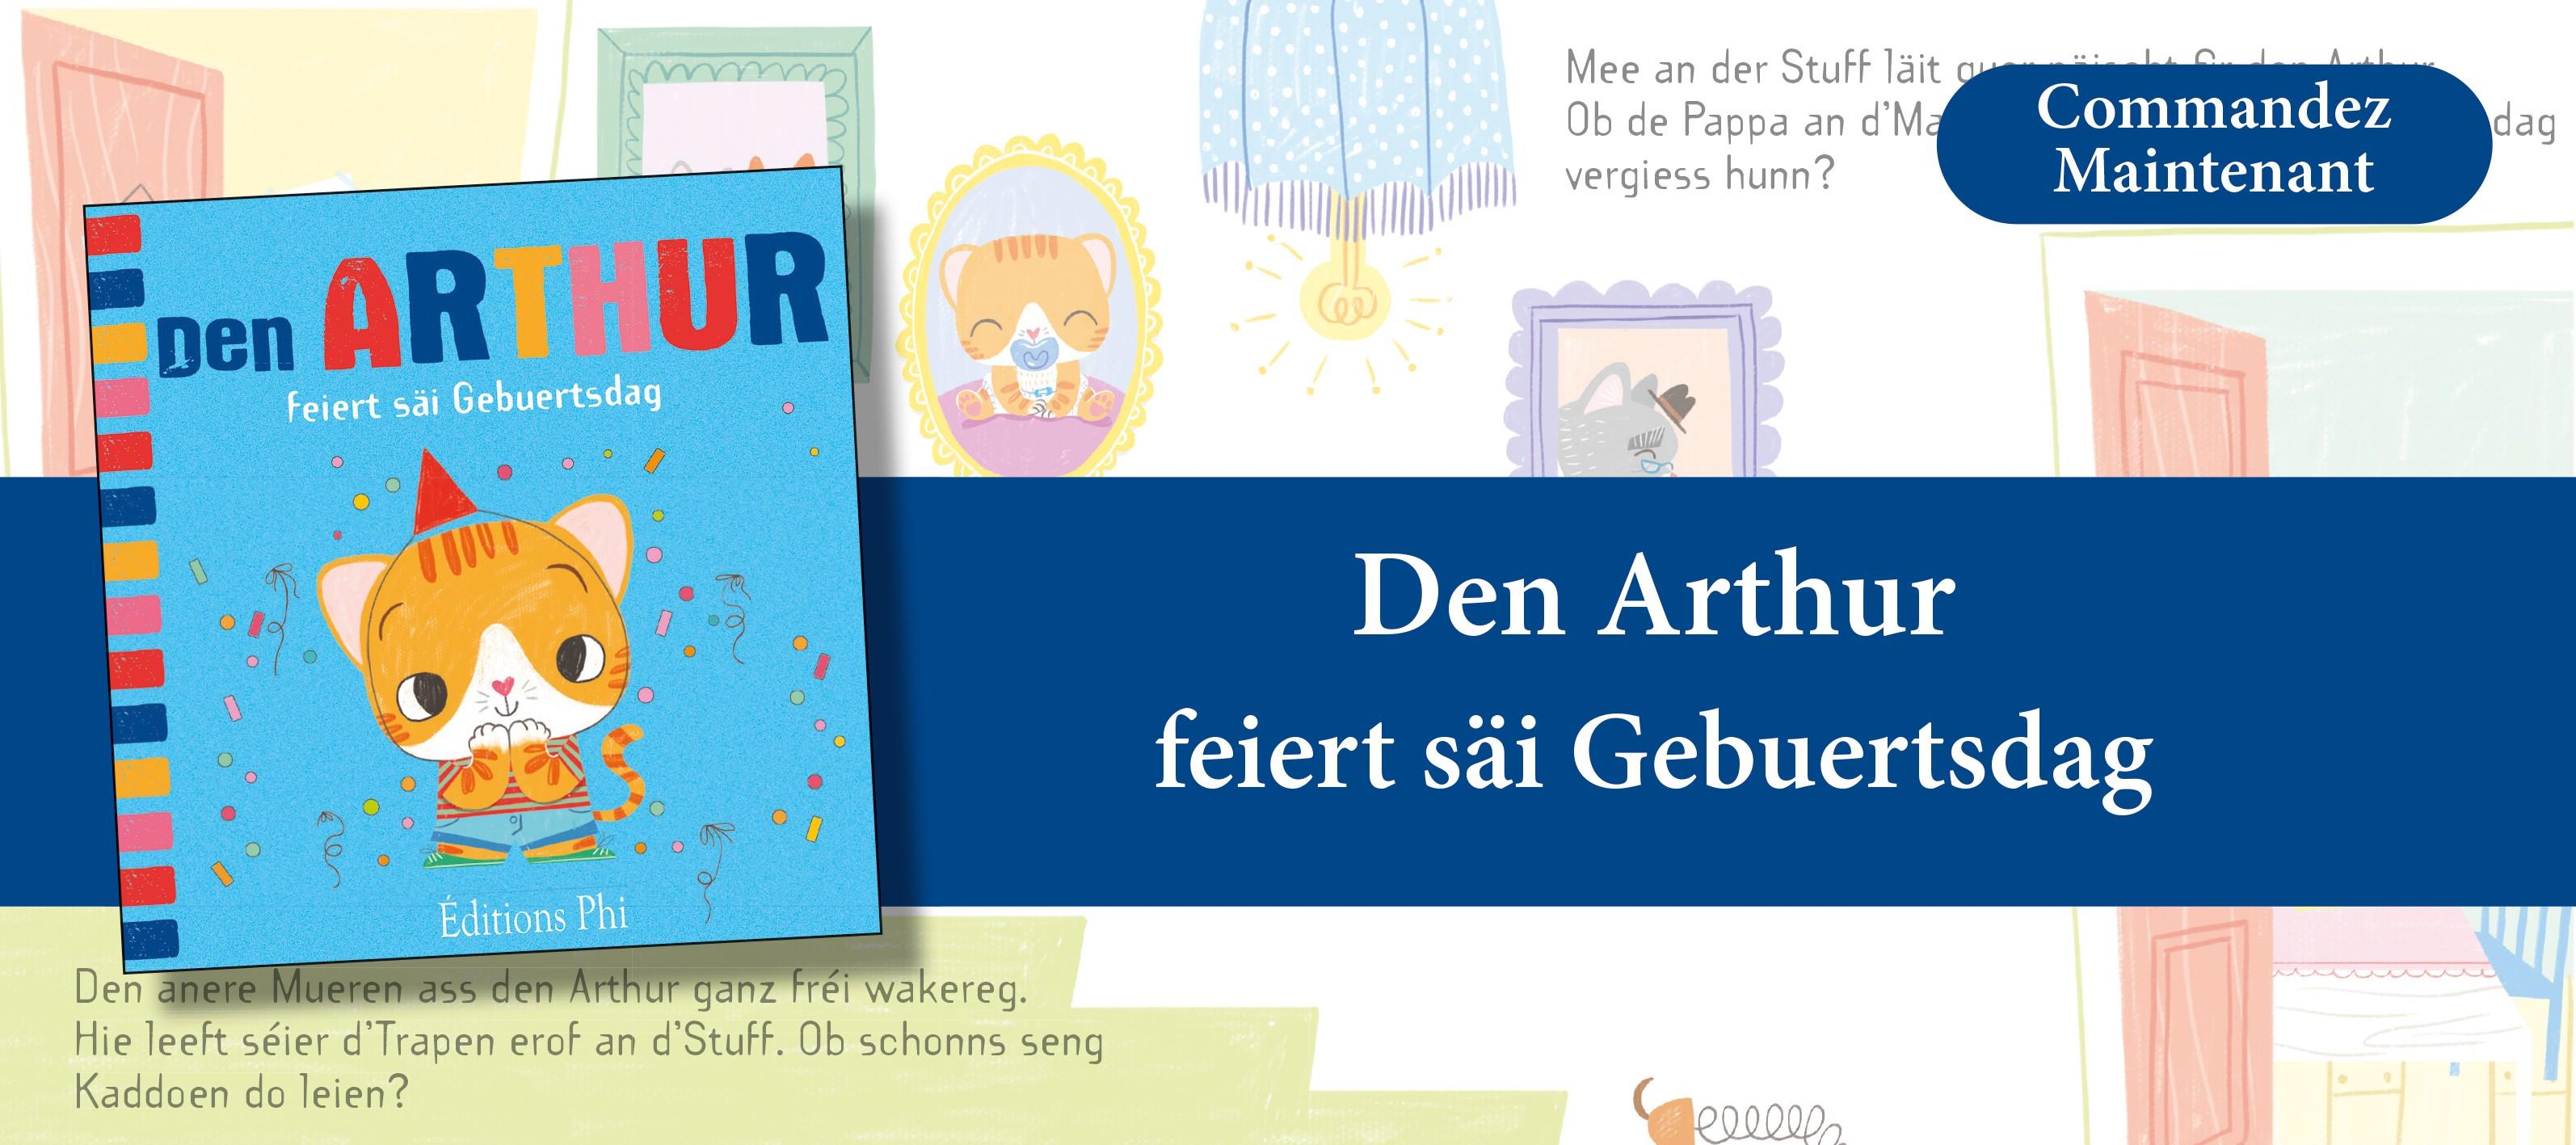 http://www.editionsphi.lu/fr/jeunesse/519-den-arthur-feiert-sai-gebuertsdag.html